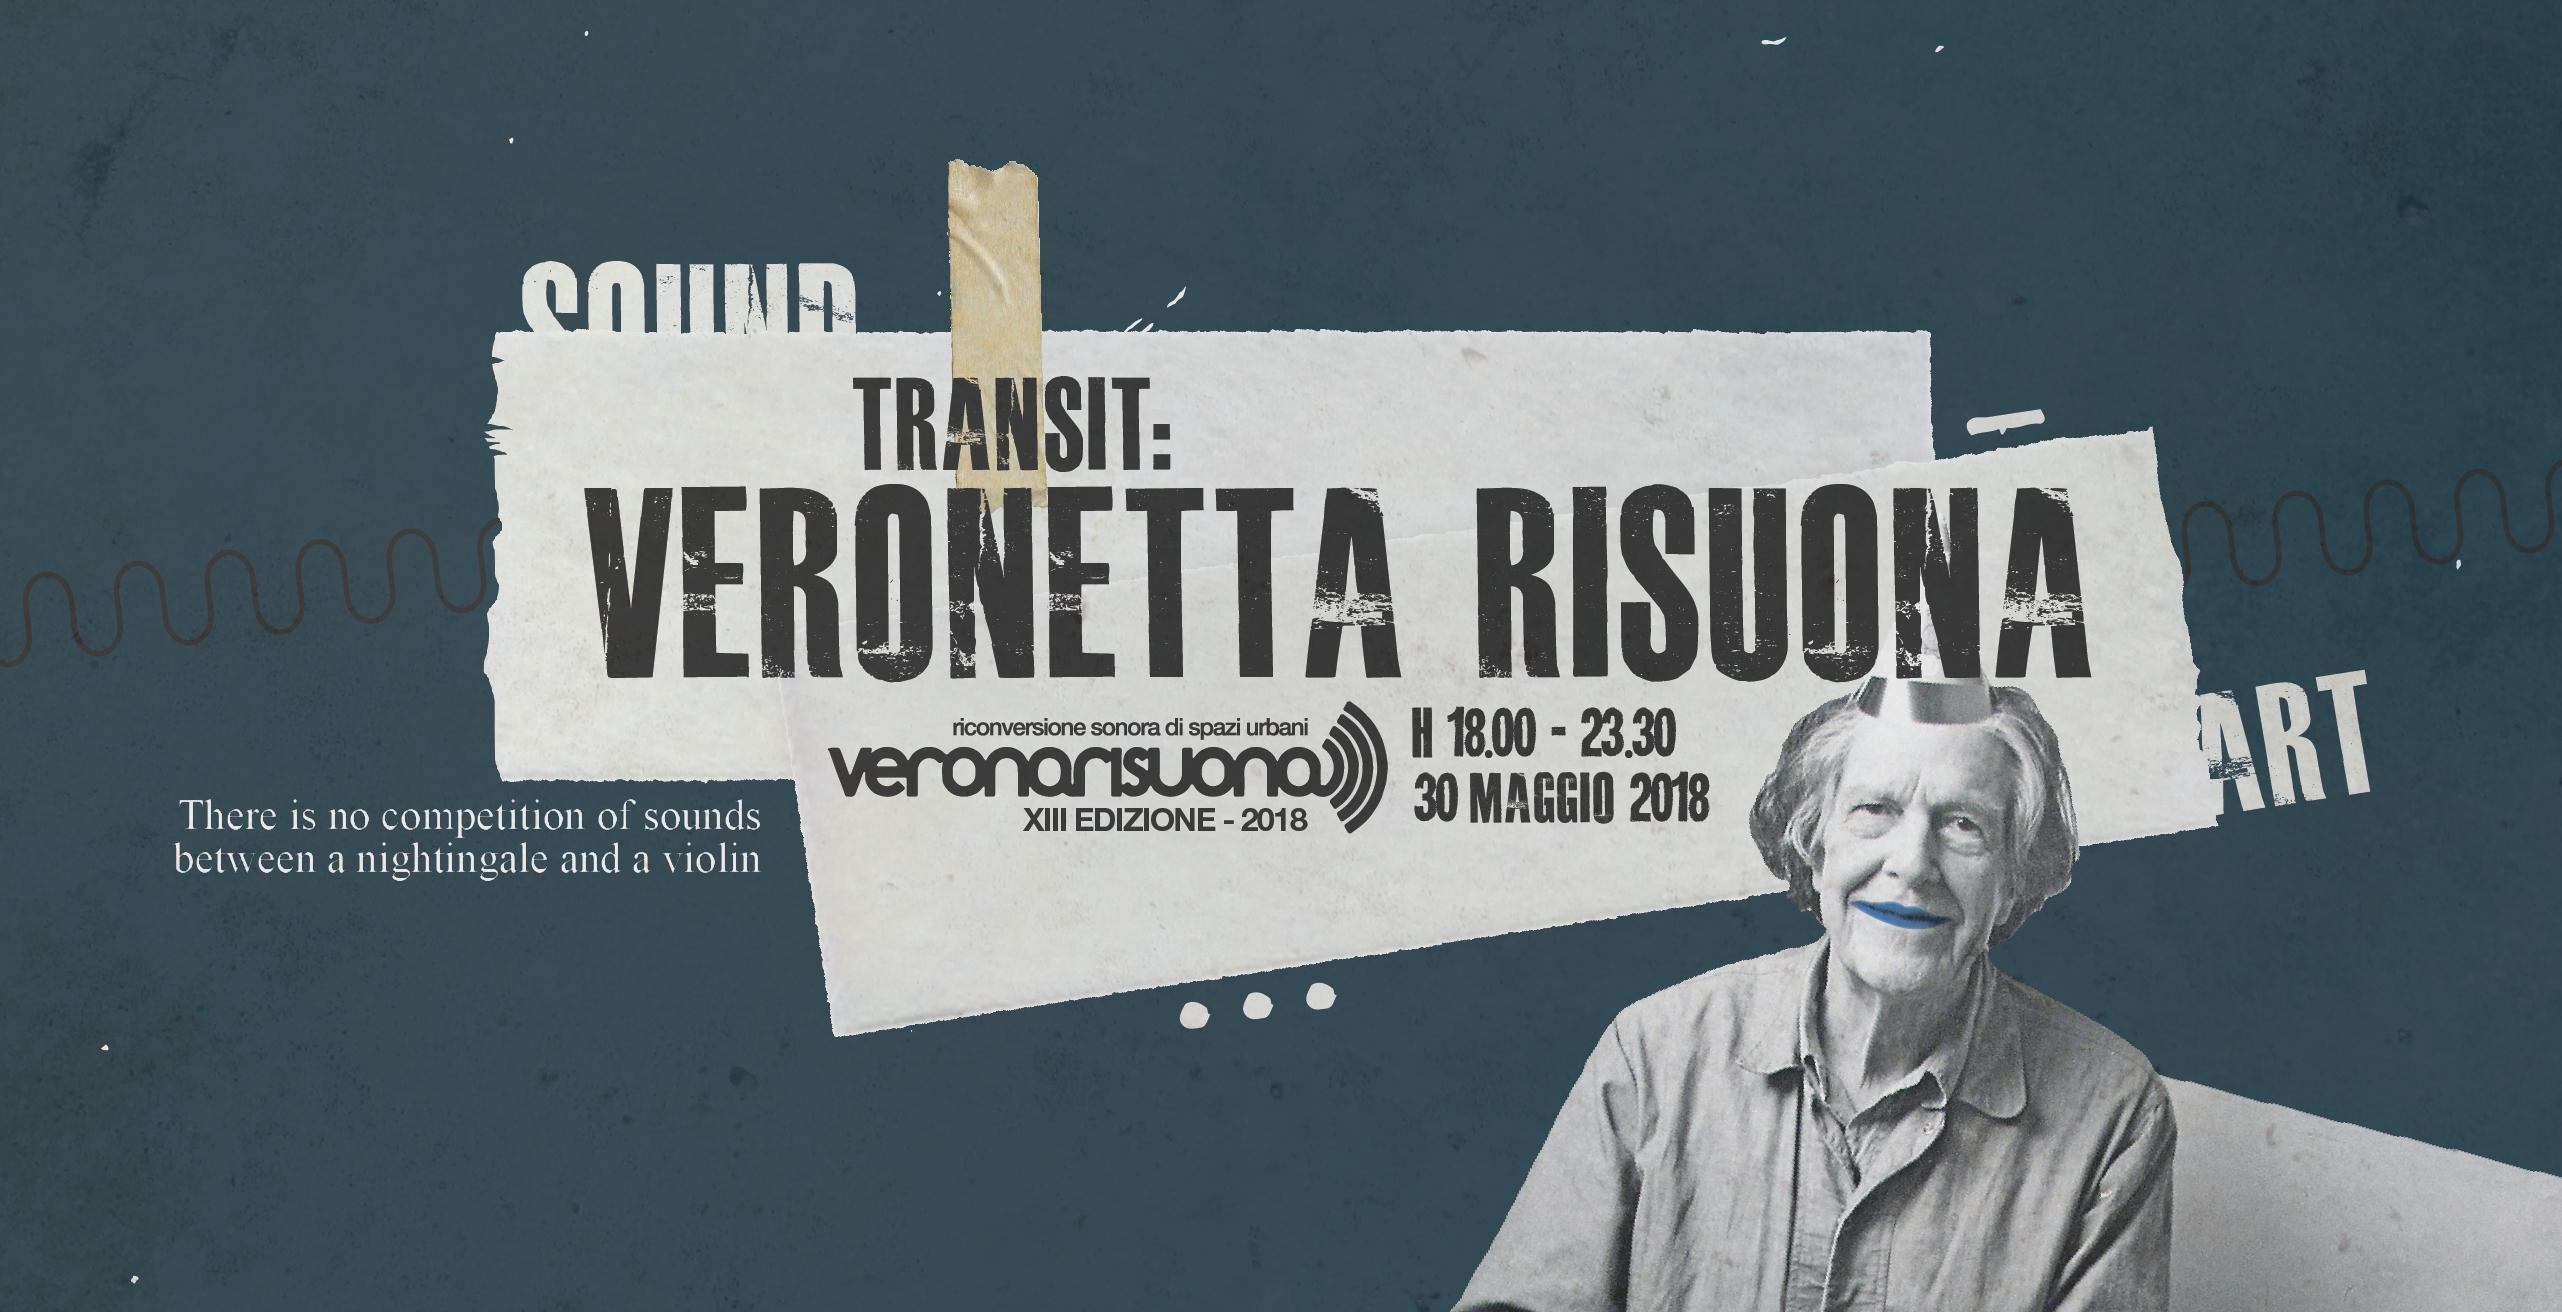 EventoFB_Territori_Veronetta (2)